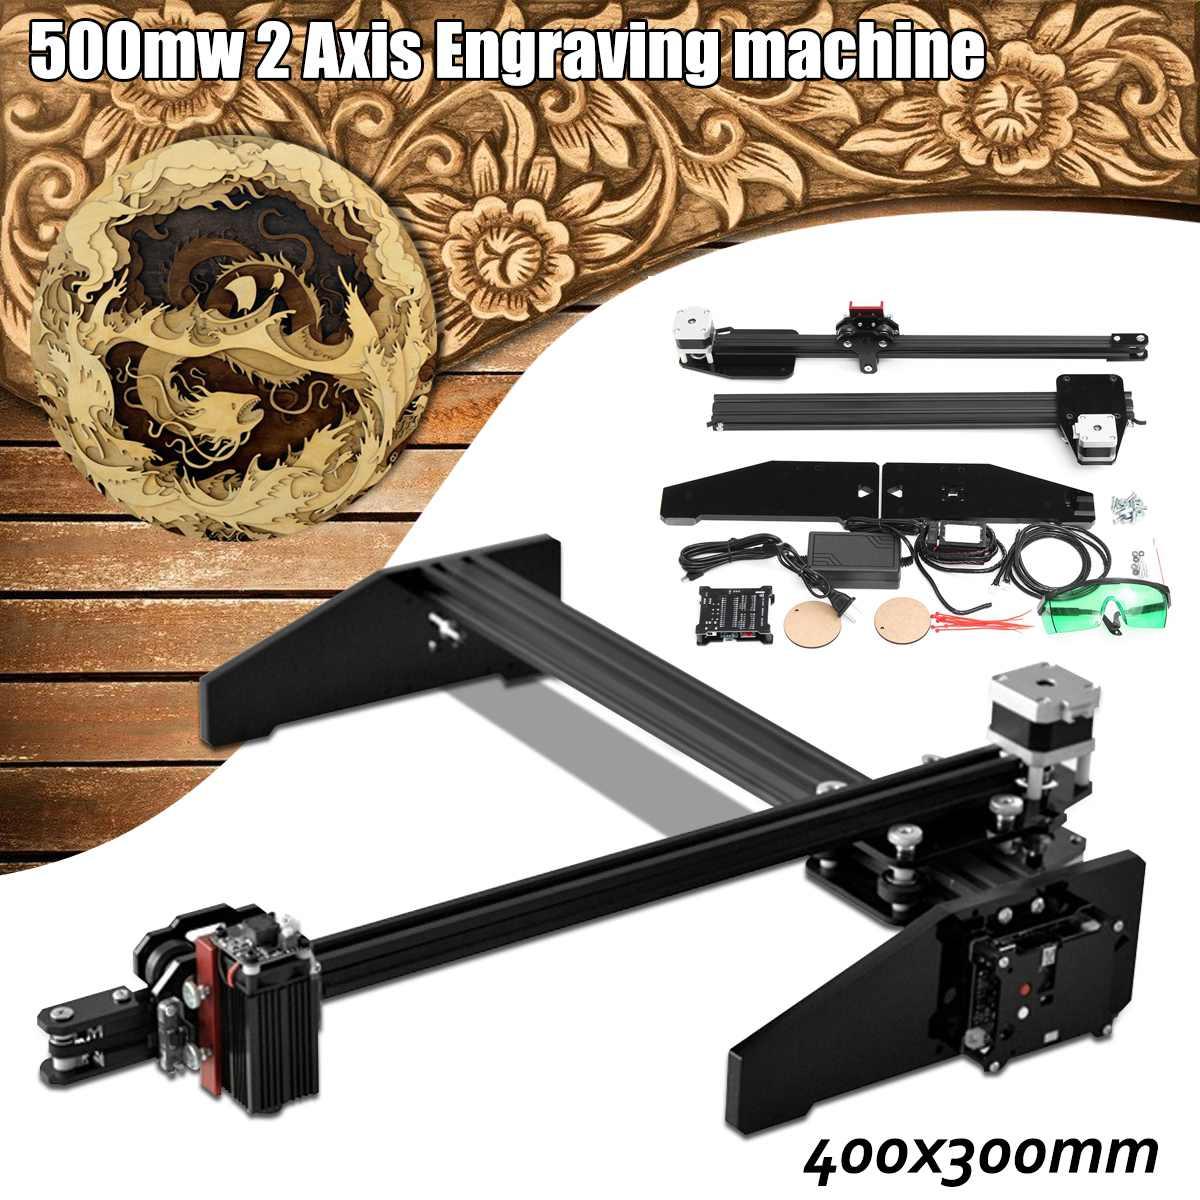 Neueste 40*30cm 500mw 2 Achse A3 Laser Gravur Schneid Engraver CNC Home DIY Cutter Drucker Mit stepper Motor Maschine Werkzeug